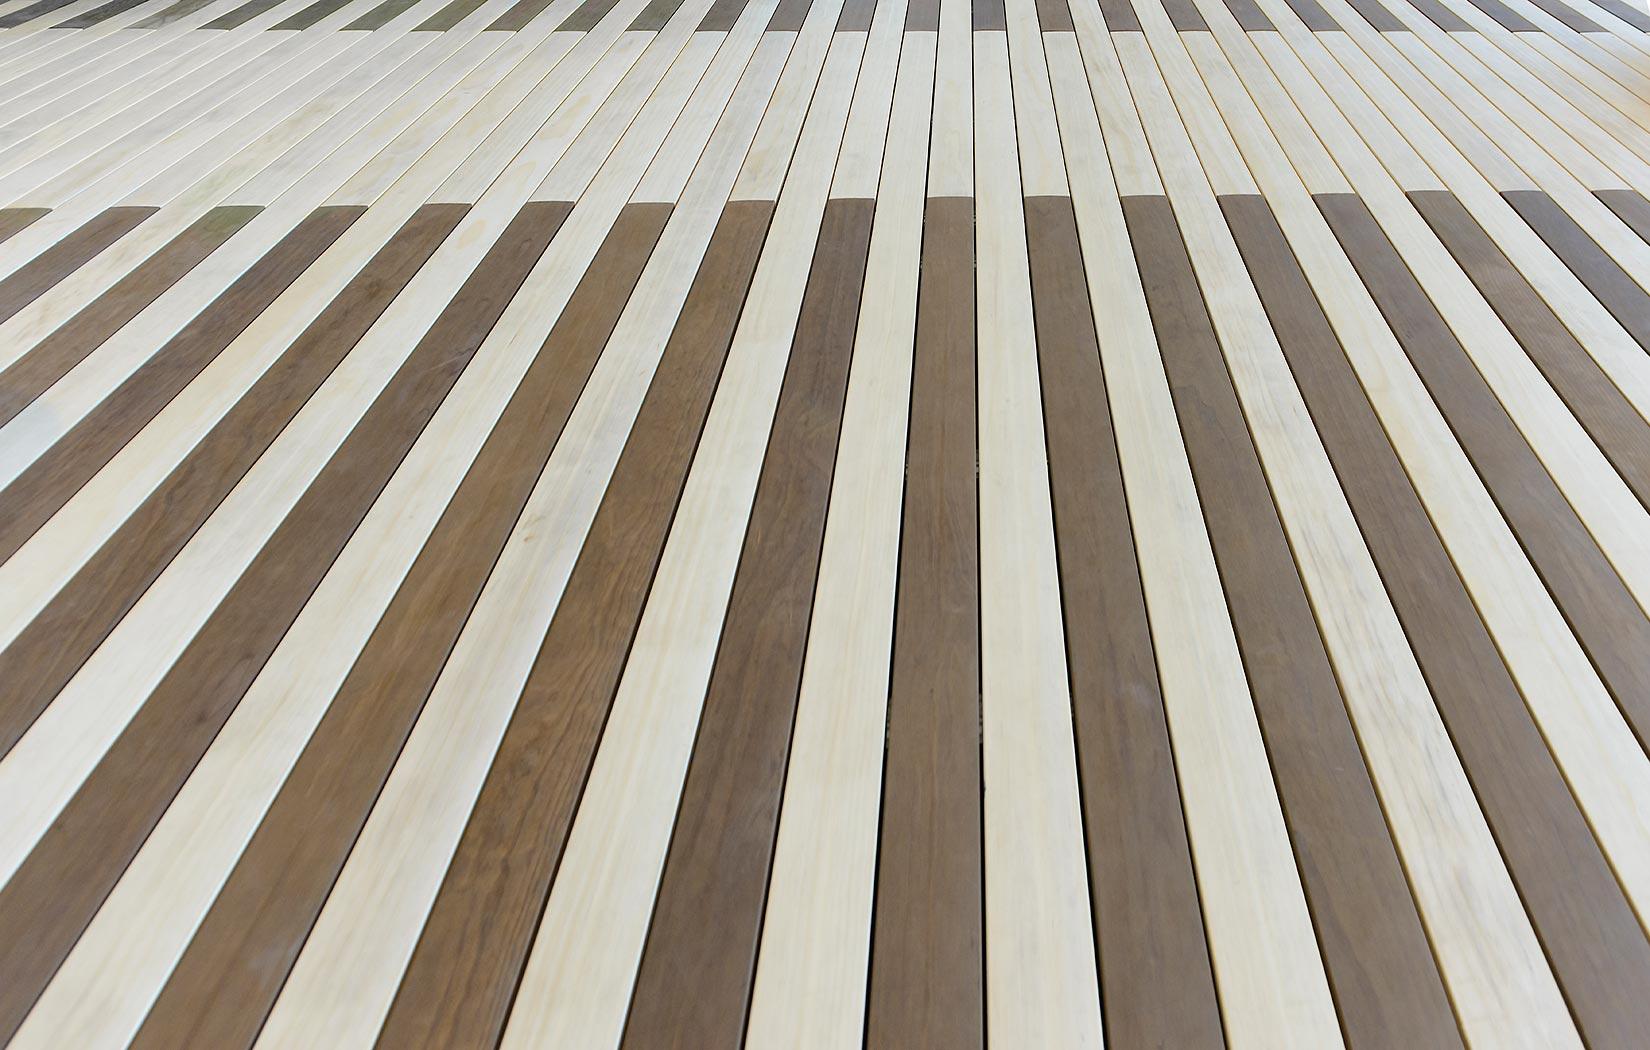 Wpc-Terrassendielen Kunststoff-Terrassendecks Biberach, Laupheim